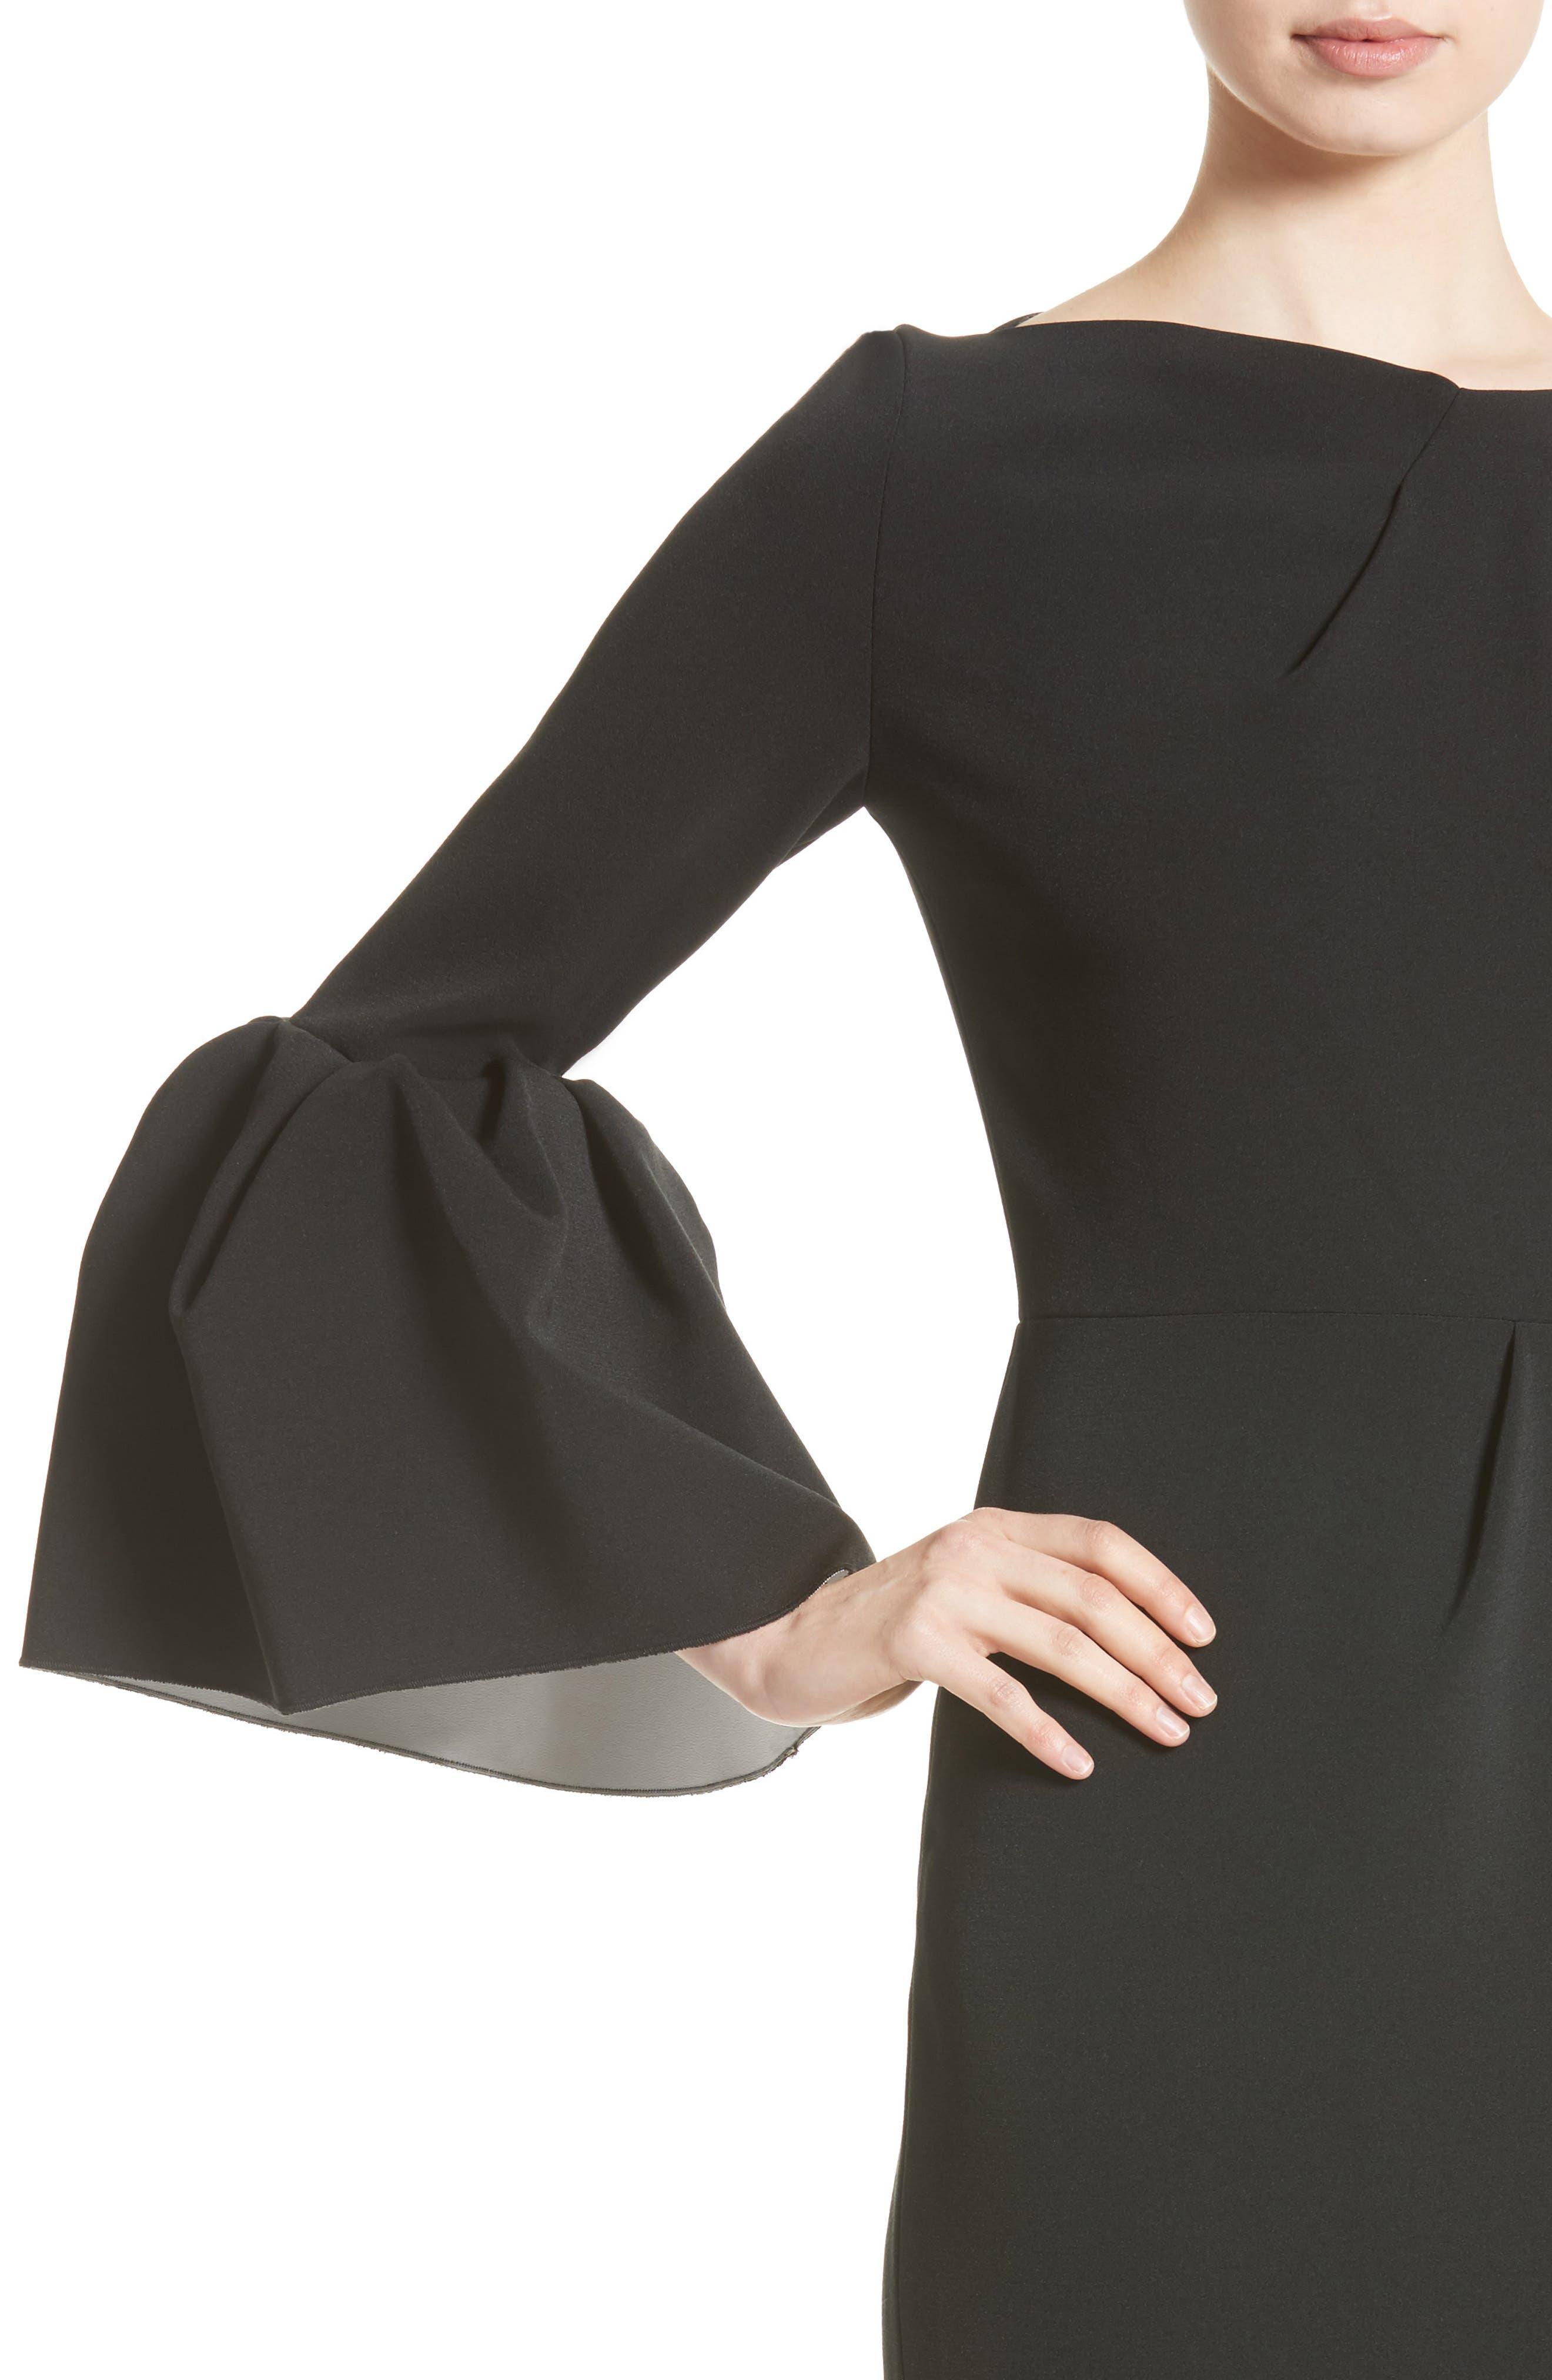 Margot Dress,                             Alternate thumbnail 7, color,                             Black/Ivory